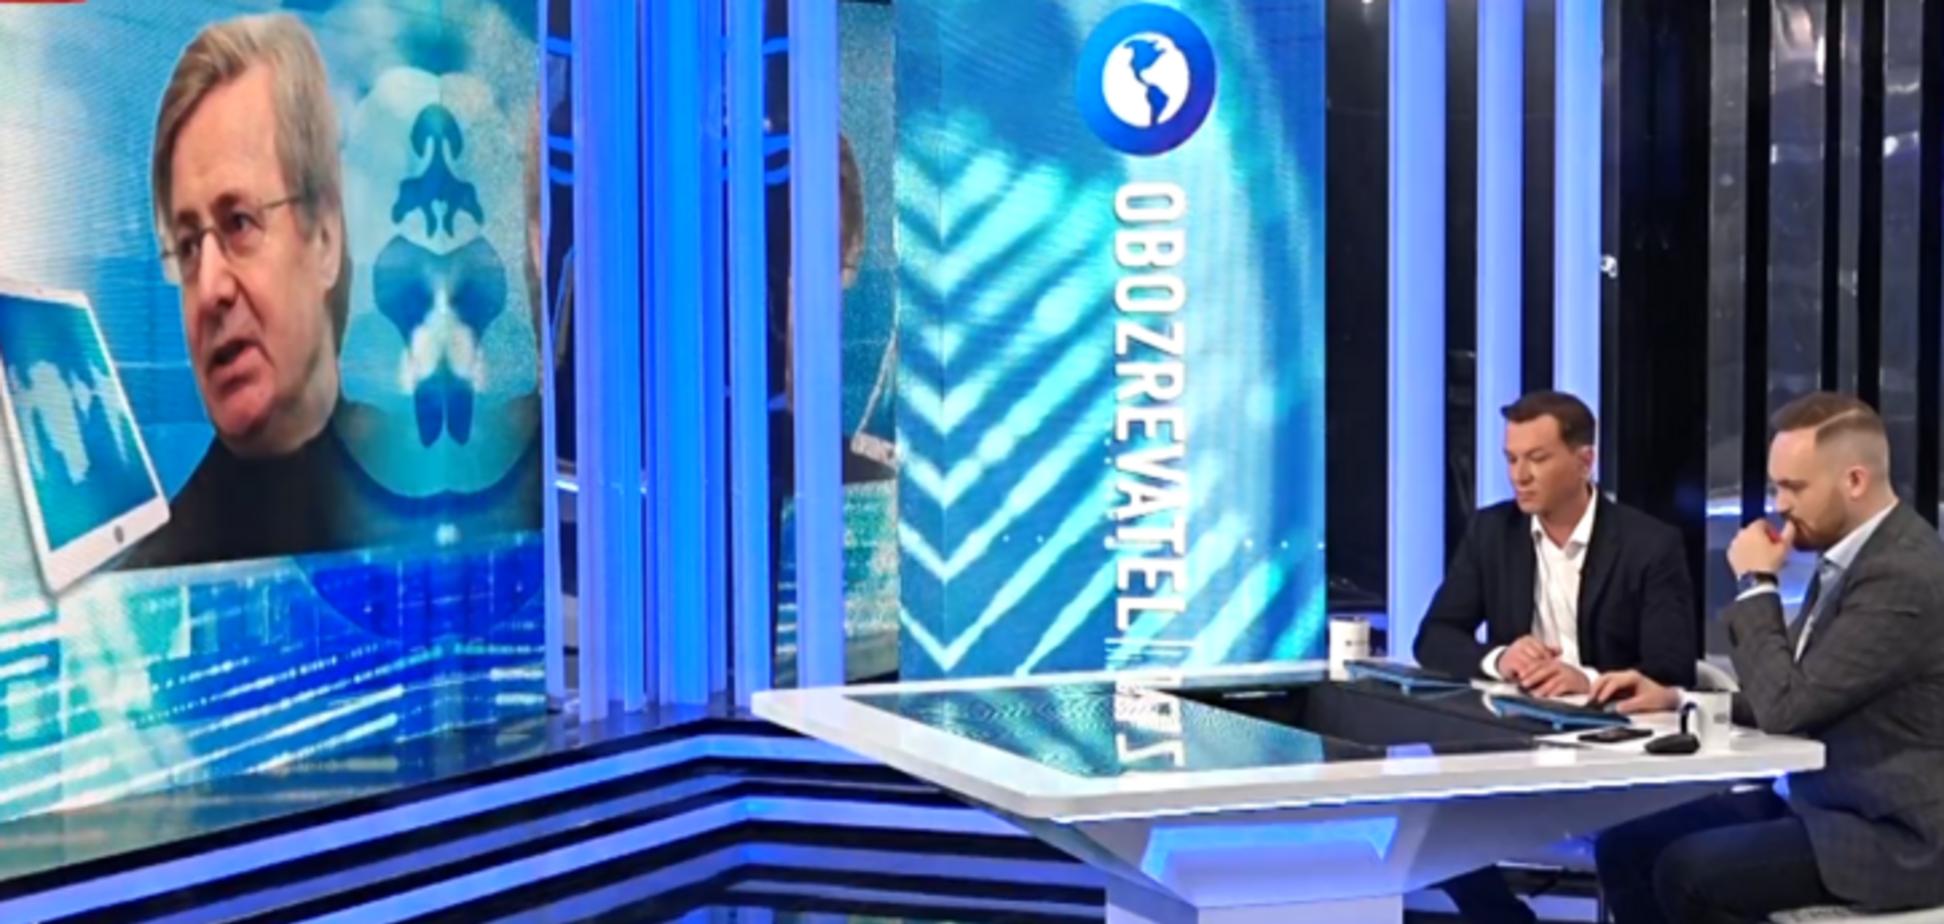 Зеленского могут убедить не распускать Раду: Мусияка рассказал, кто может повлиять на решение президента